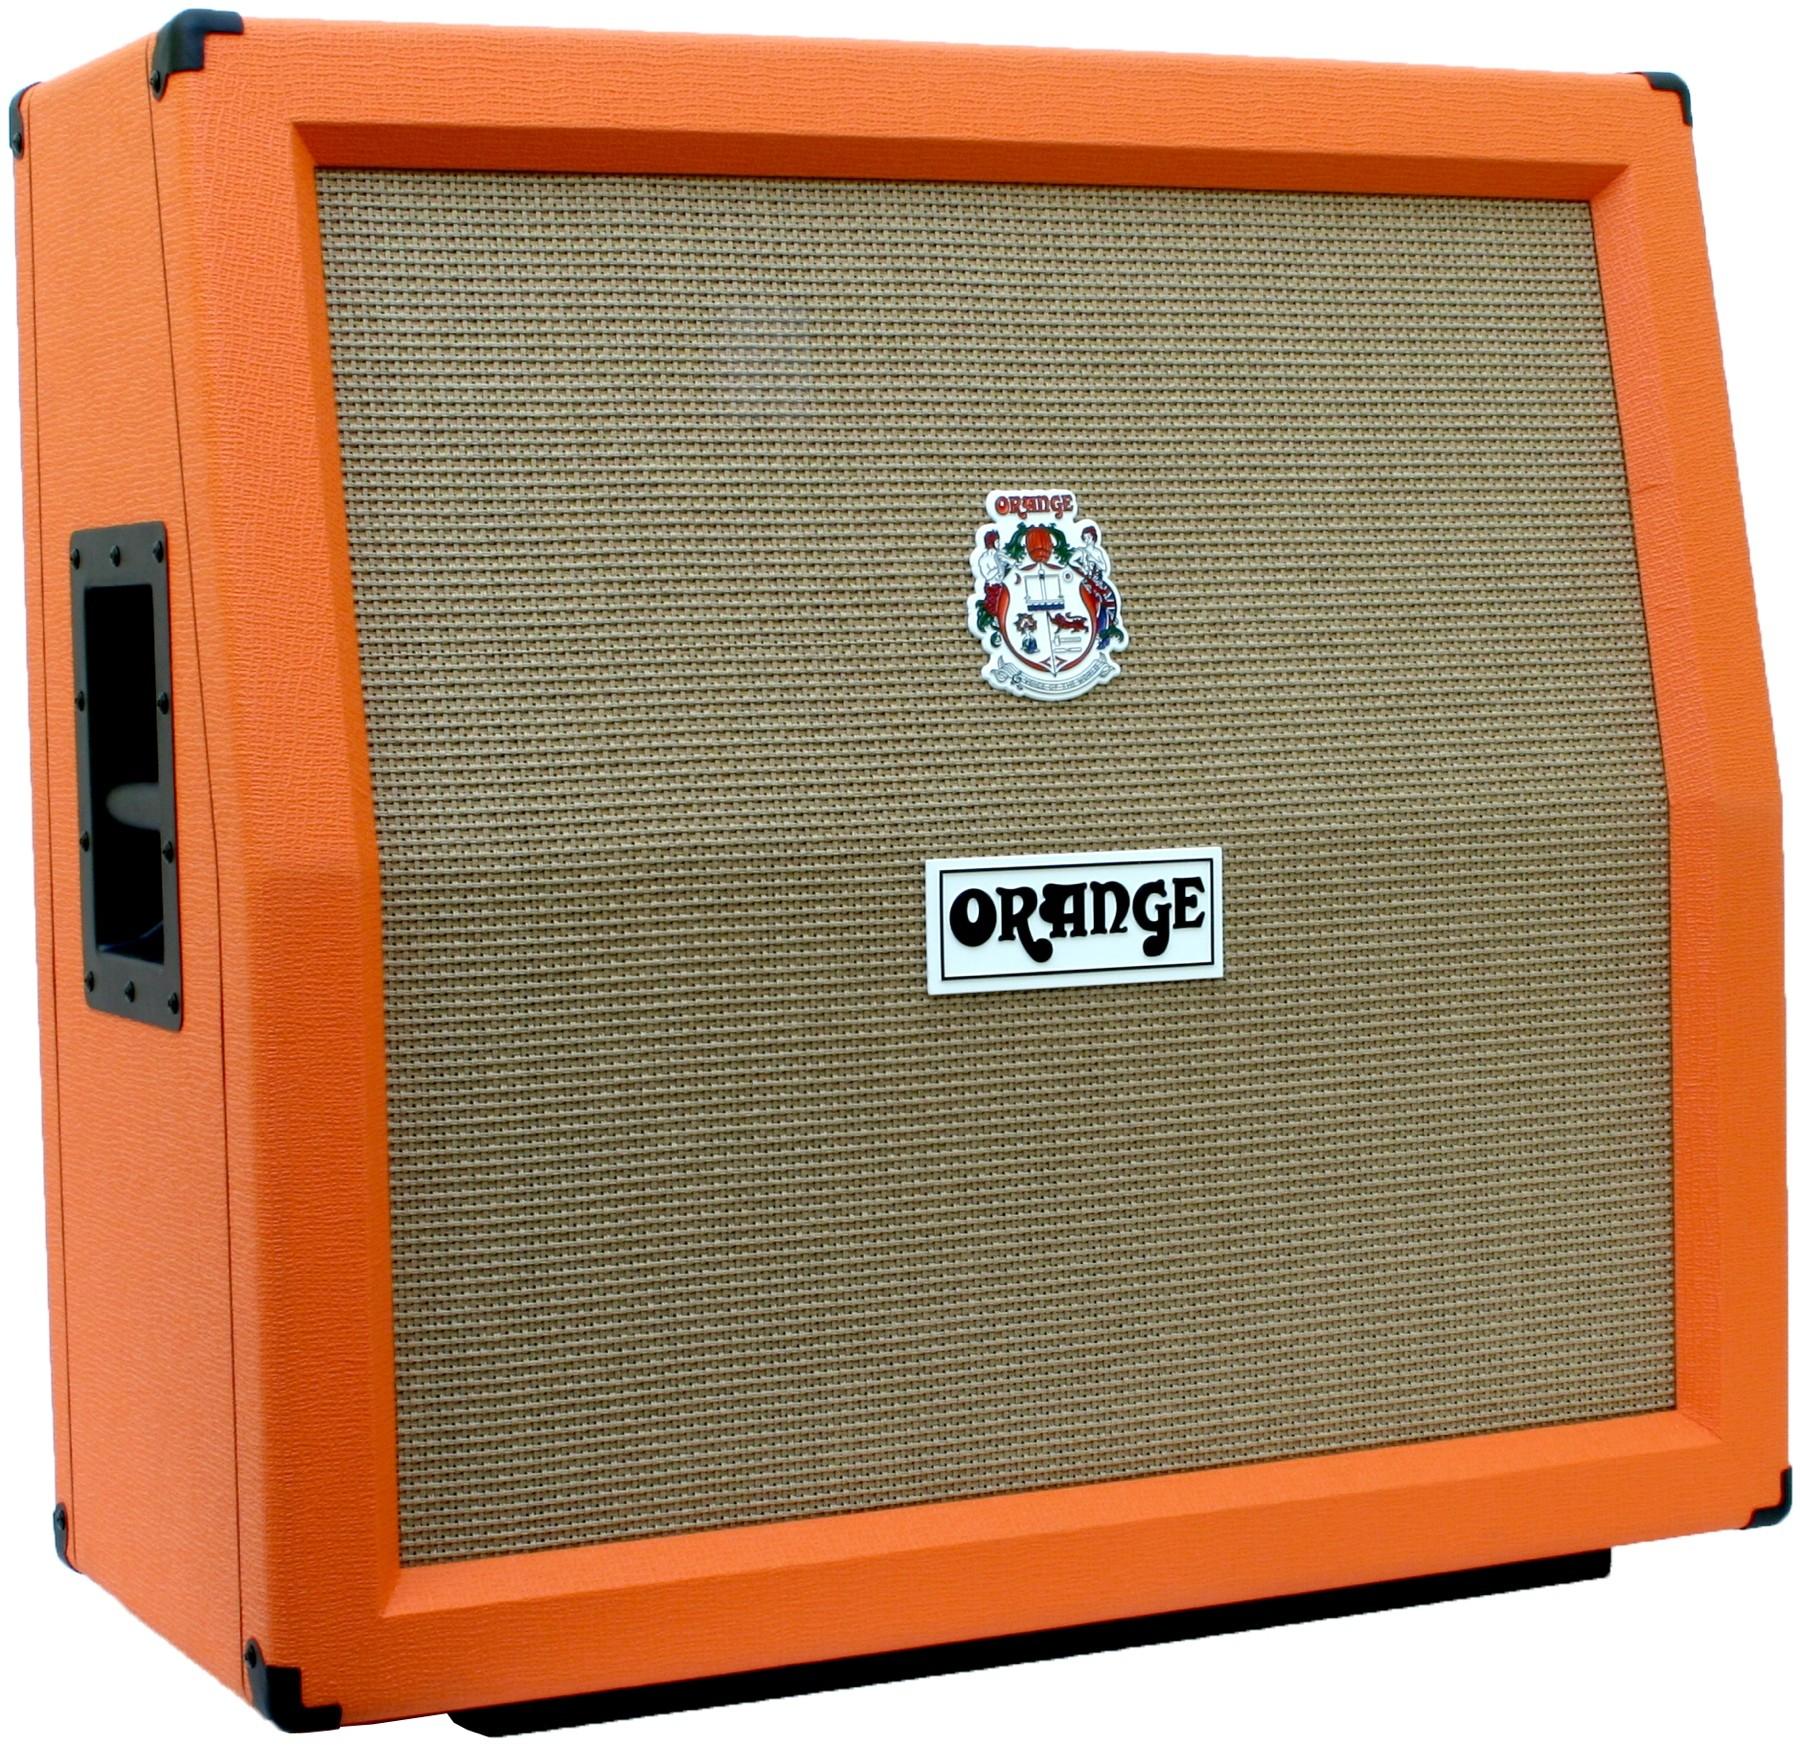 orange ppc412a 4x12 guitar speaker cabinet. Black Bedroom Furniture Sets. Home Design Ideas